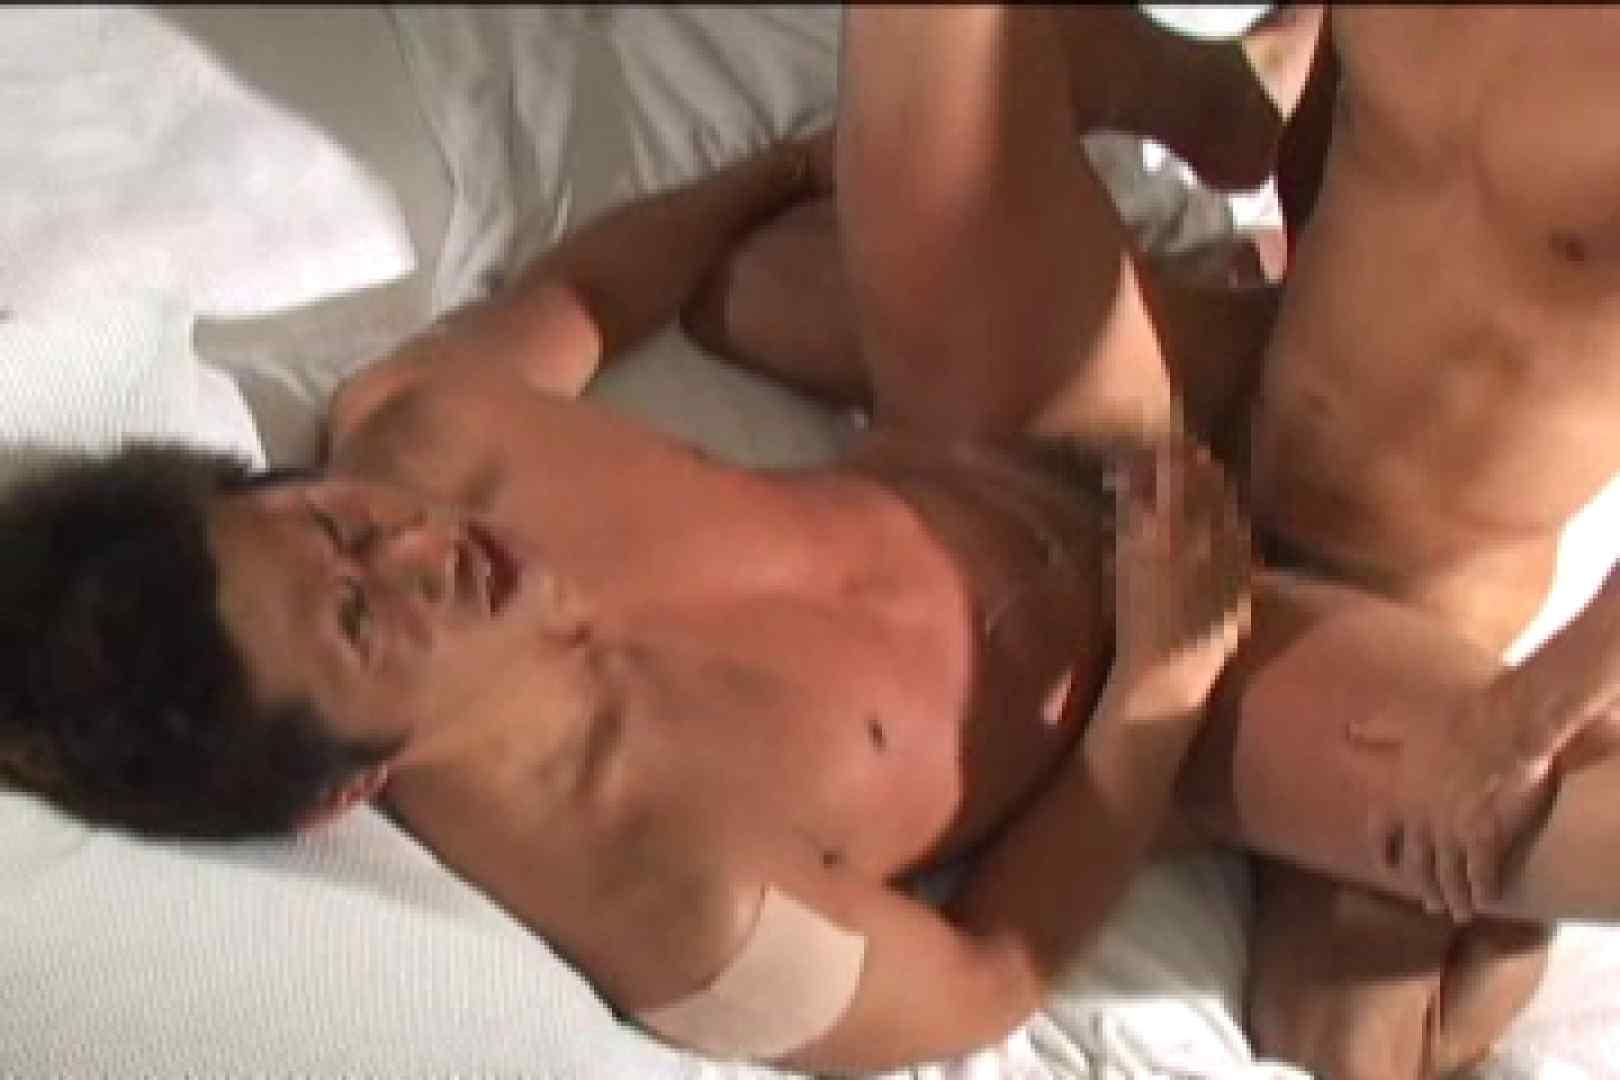 体育会系モッコリ祭り05 アナル舐め ゲイアダルトビデオ画像 46連発 8